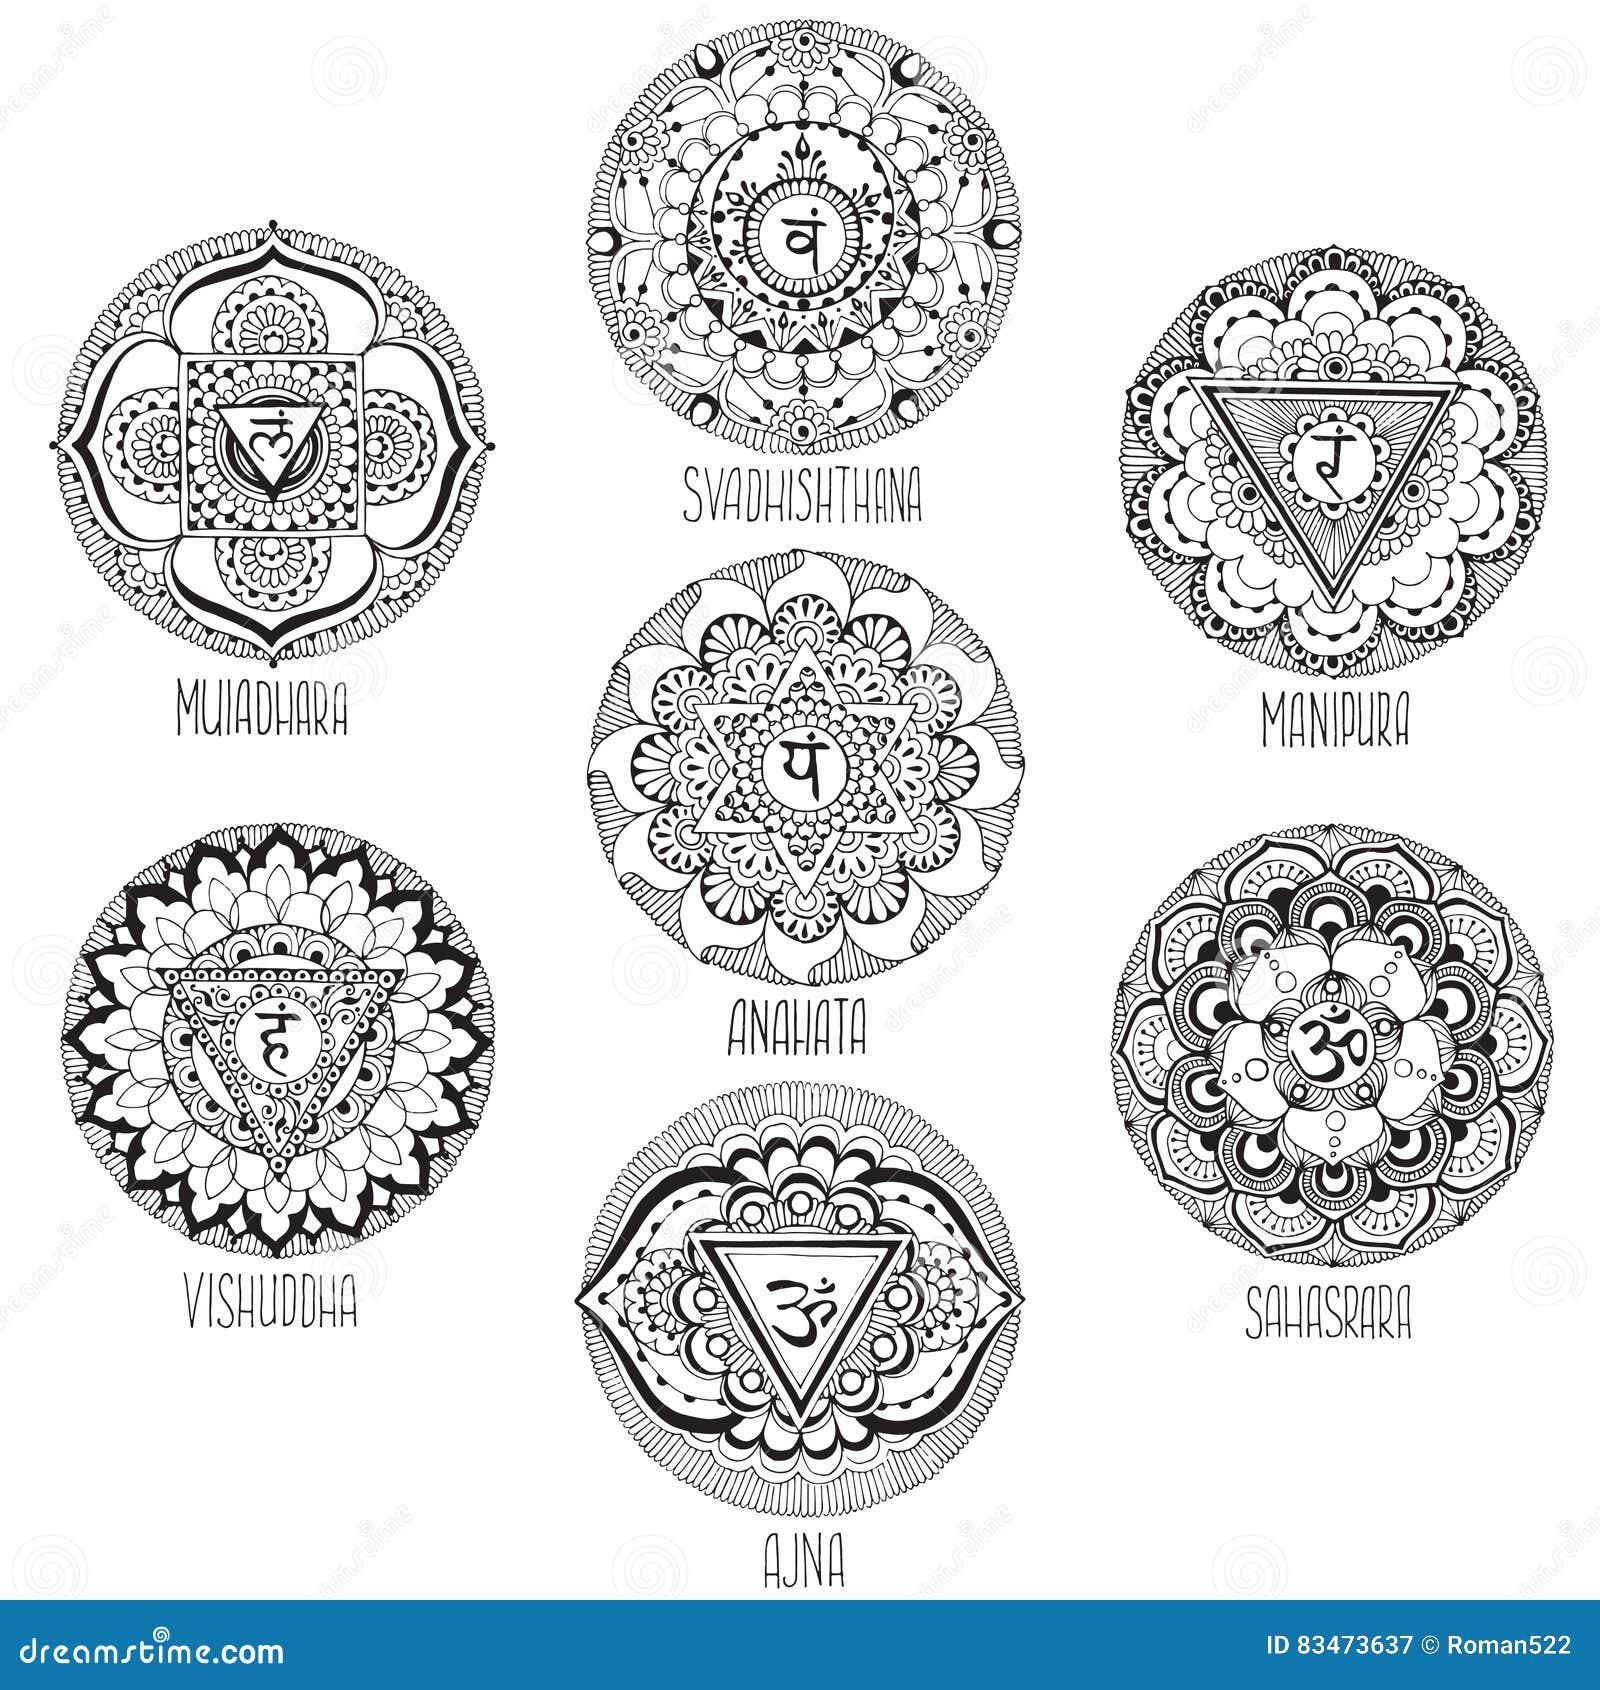 chakra mandala coloring pages - mandalas chakras top mandalas chakras chakra free